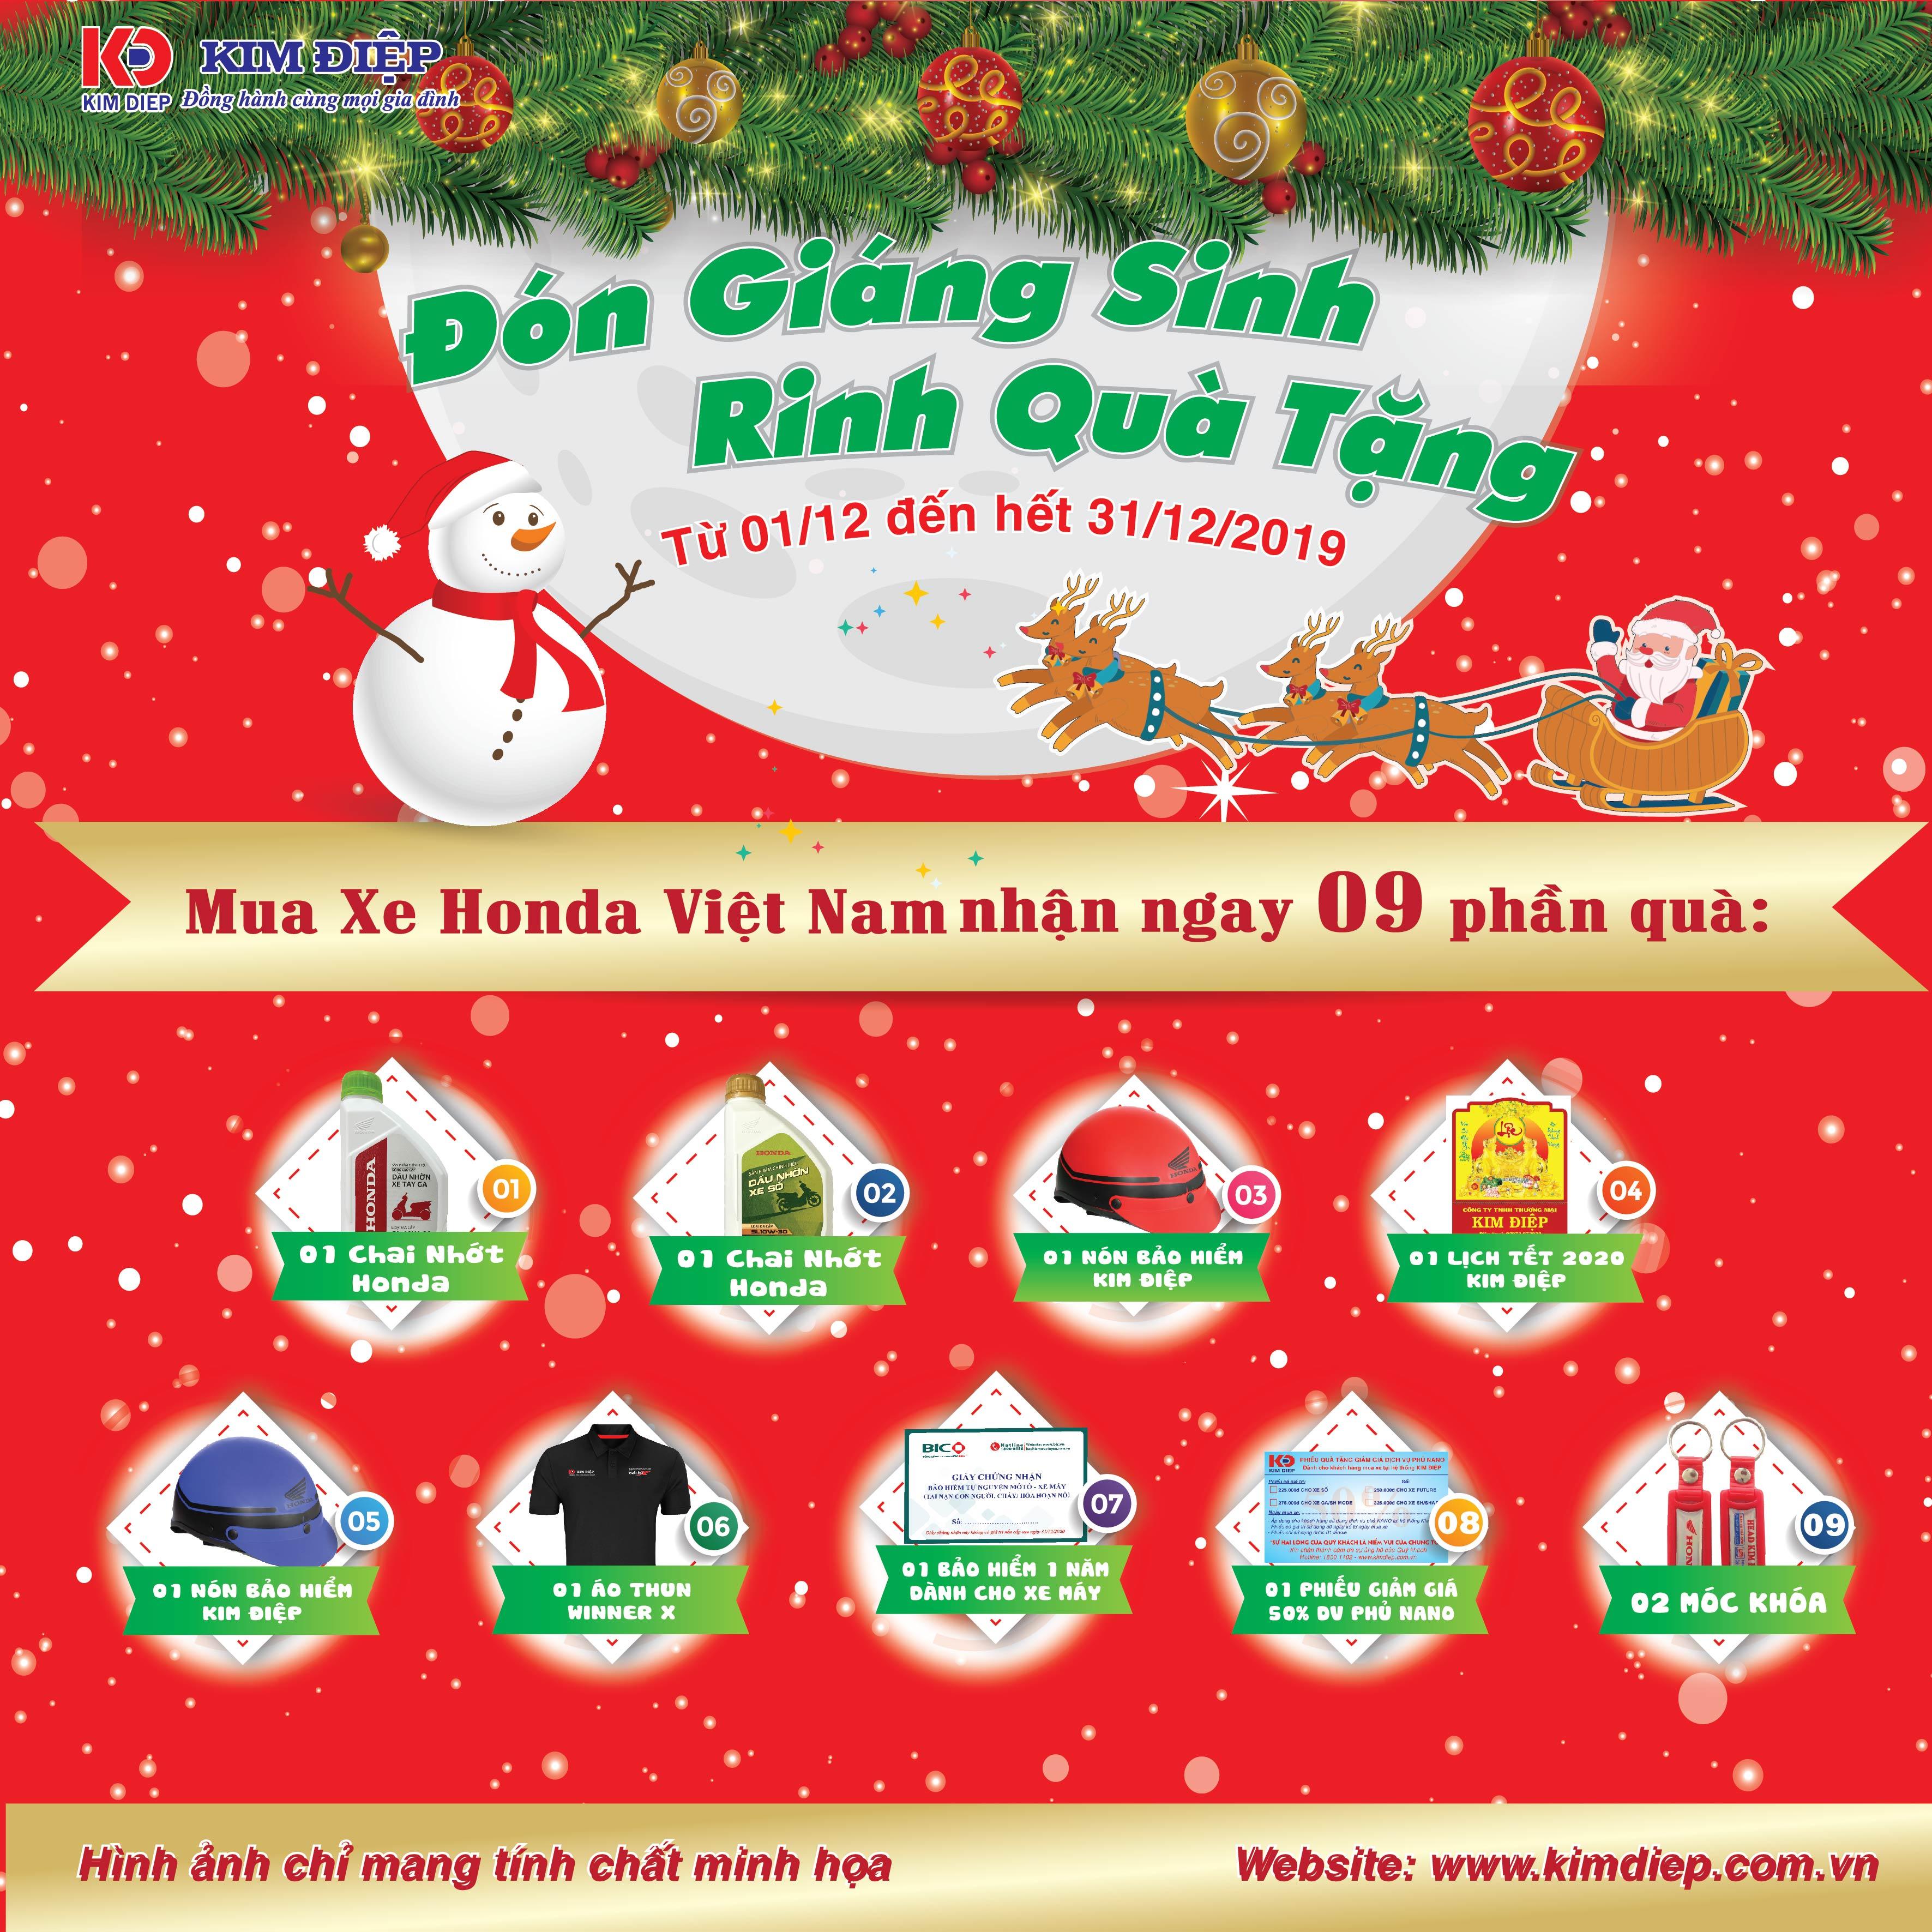 Đón Giáng Sinh Rinh Quà Tặng